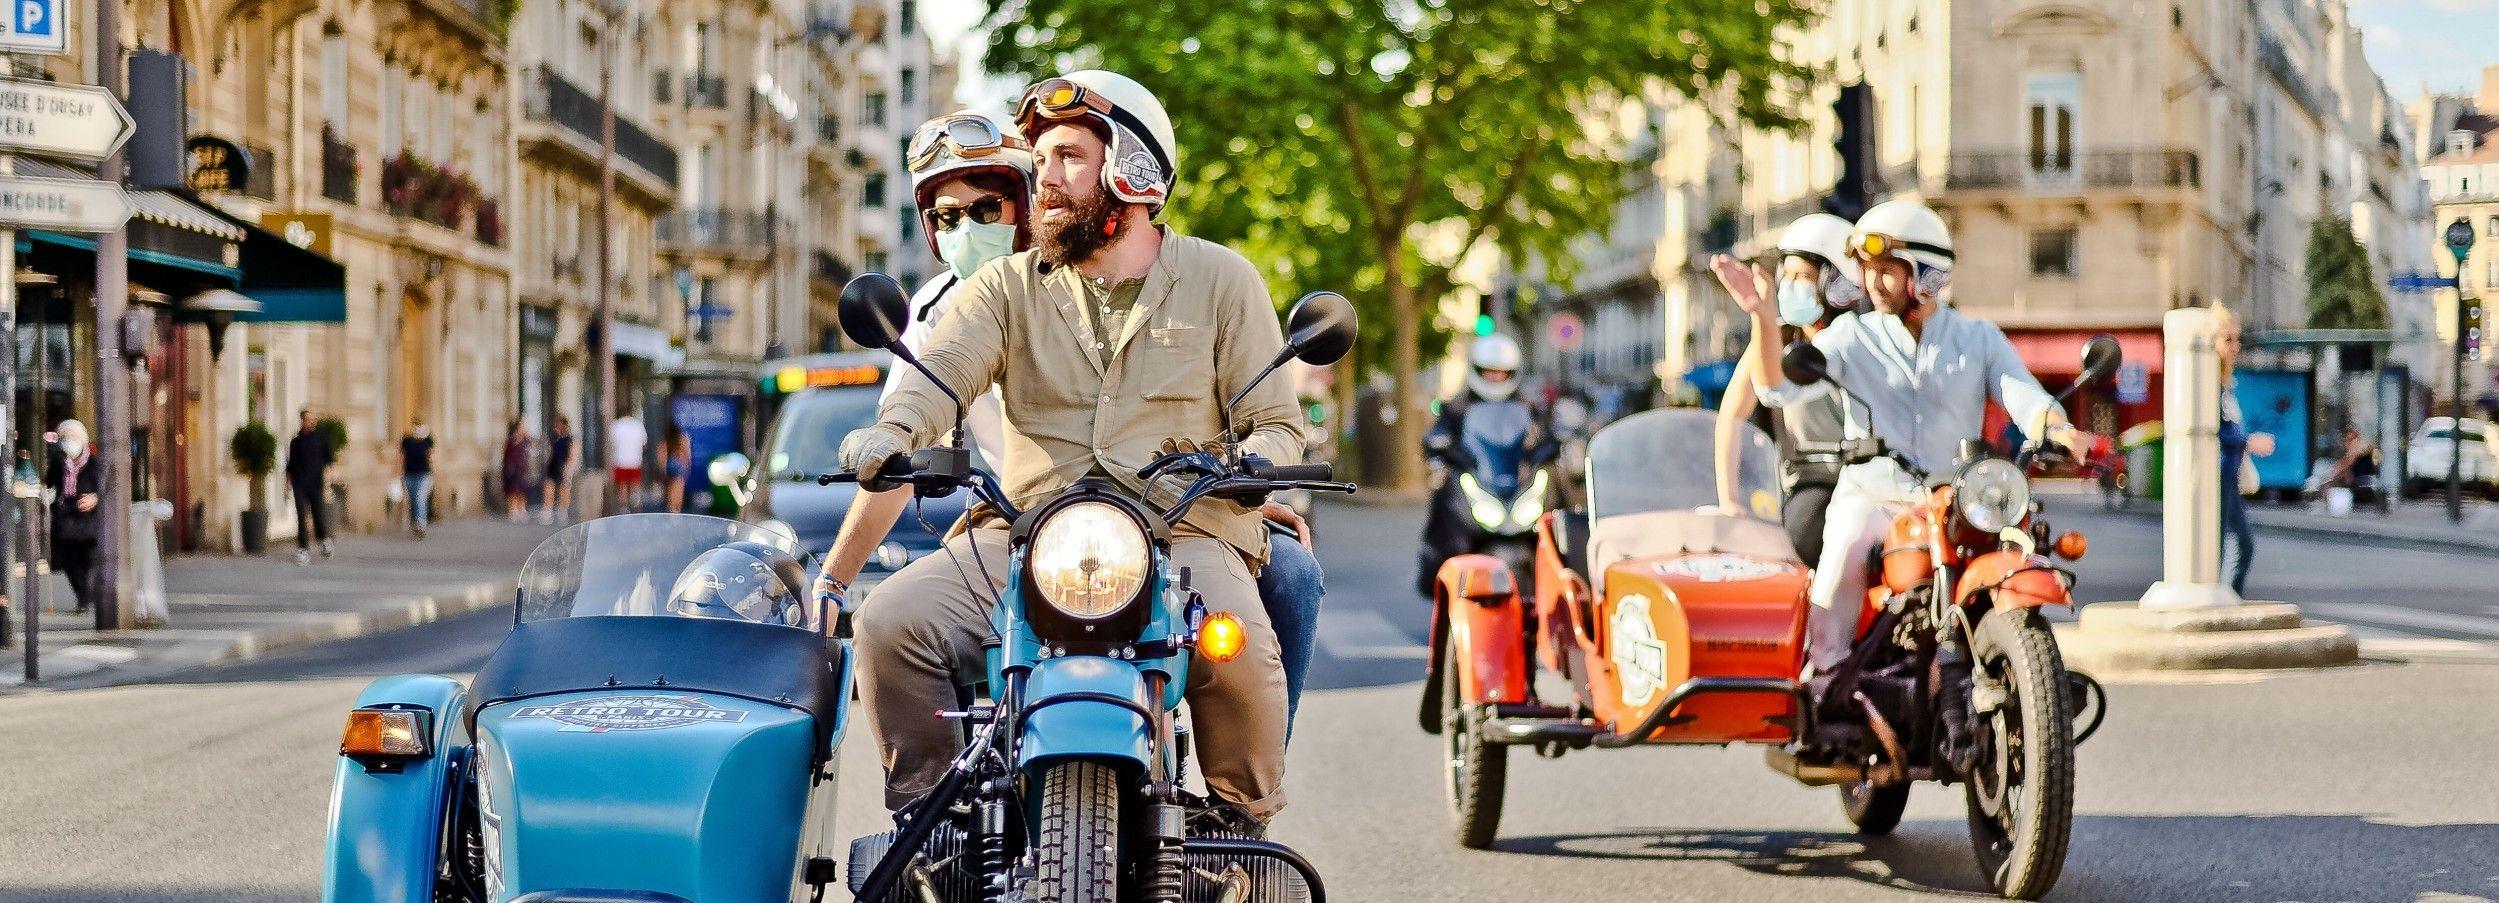 Paris: 2-Hour Classic Vintage Sidecar Half-Day Tour